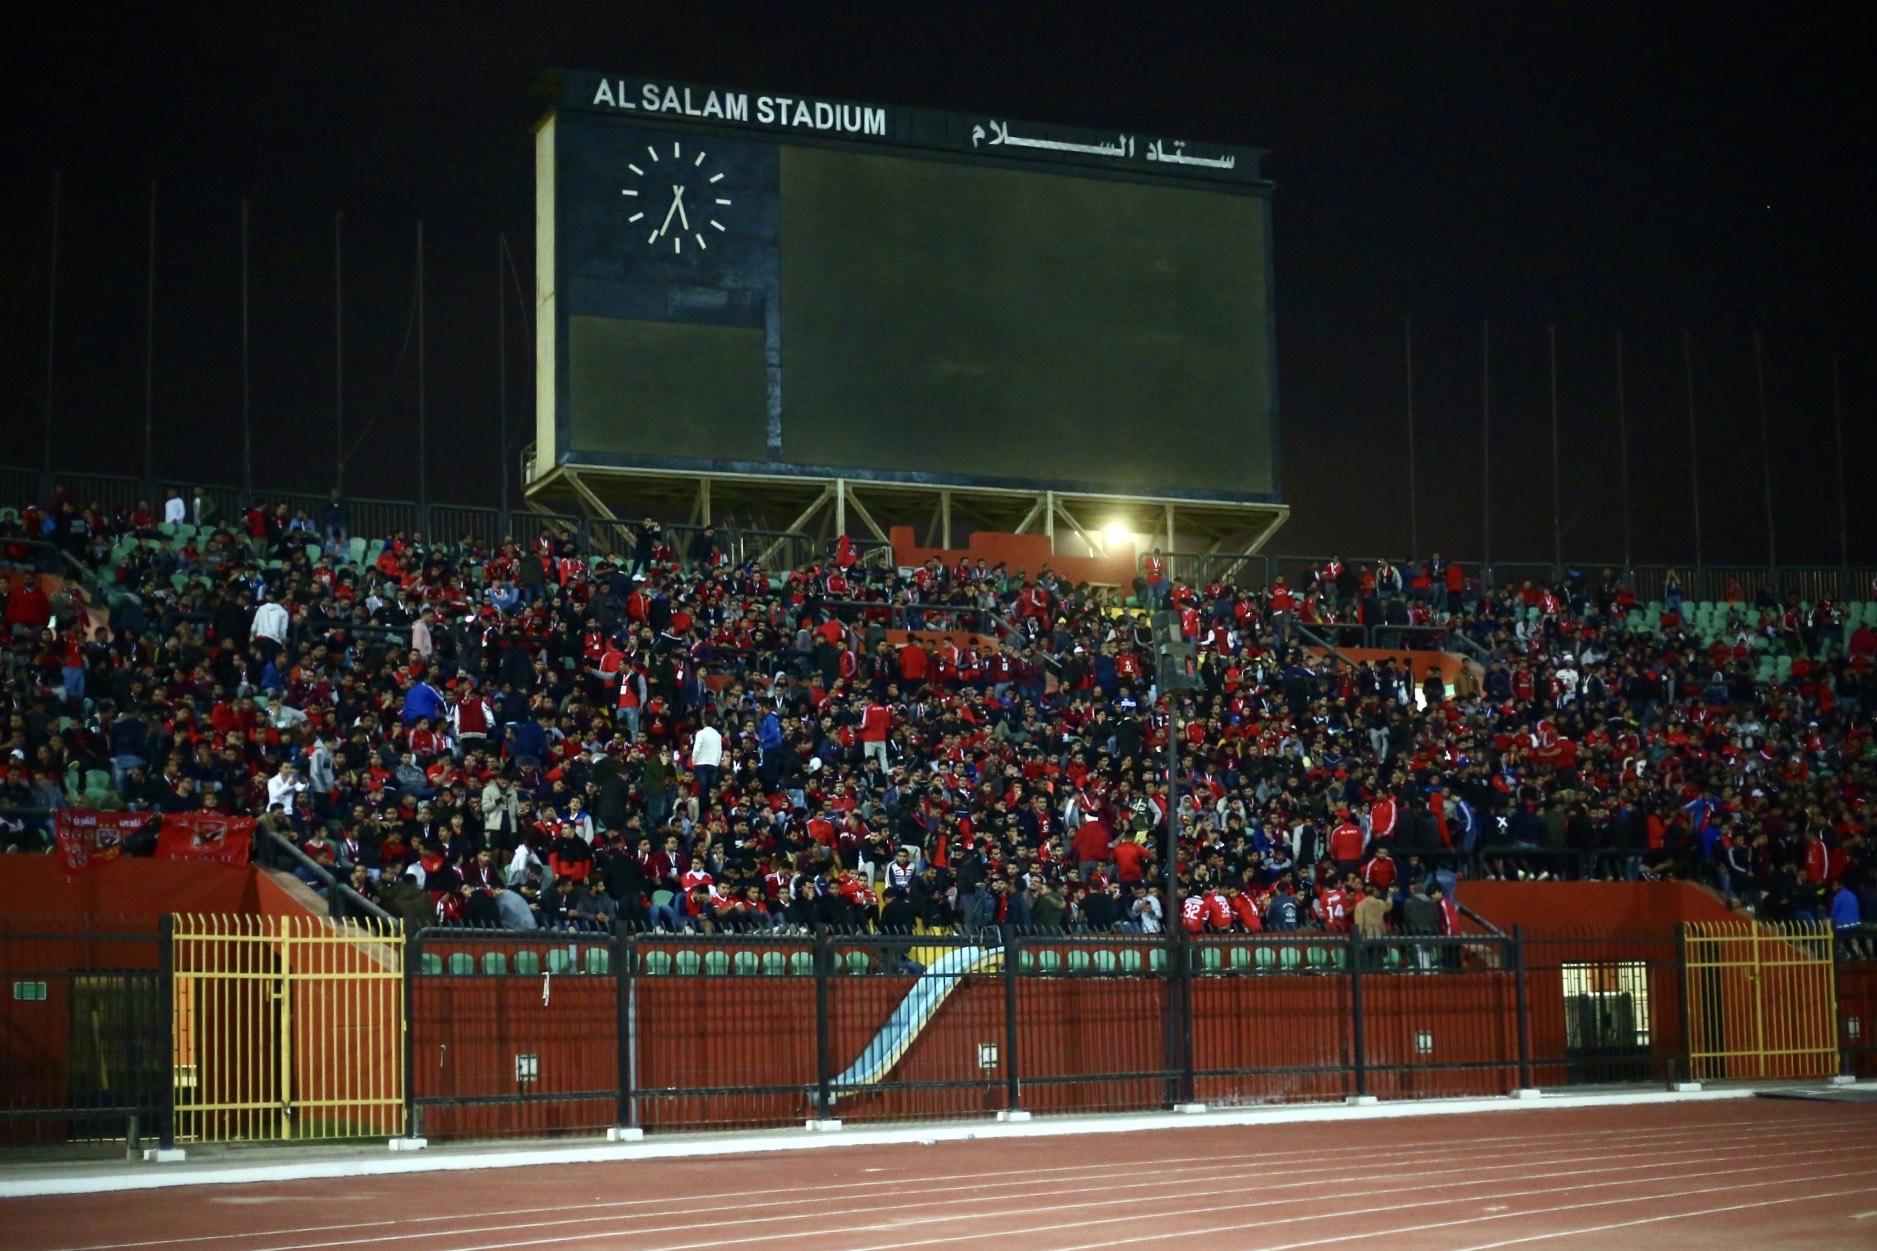 جماهير الأهلي تتوافد على استاد السلام صور المصري بلس الرياضي